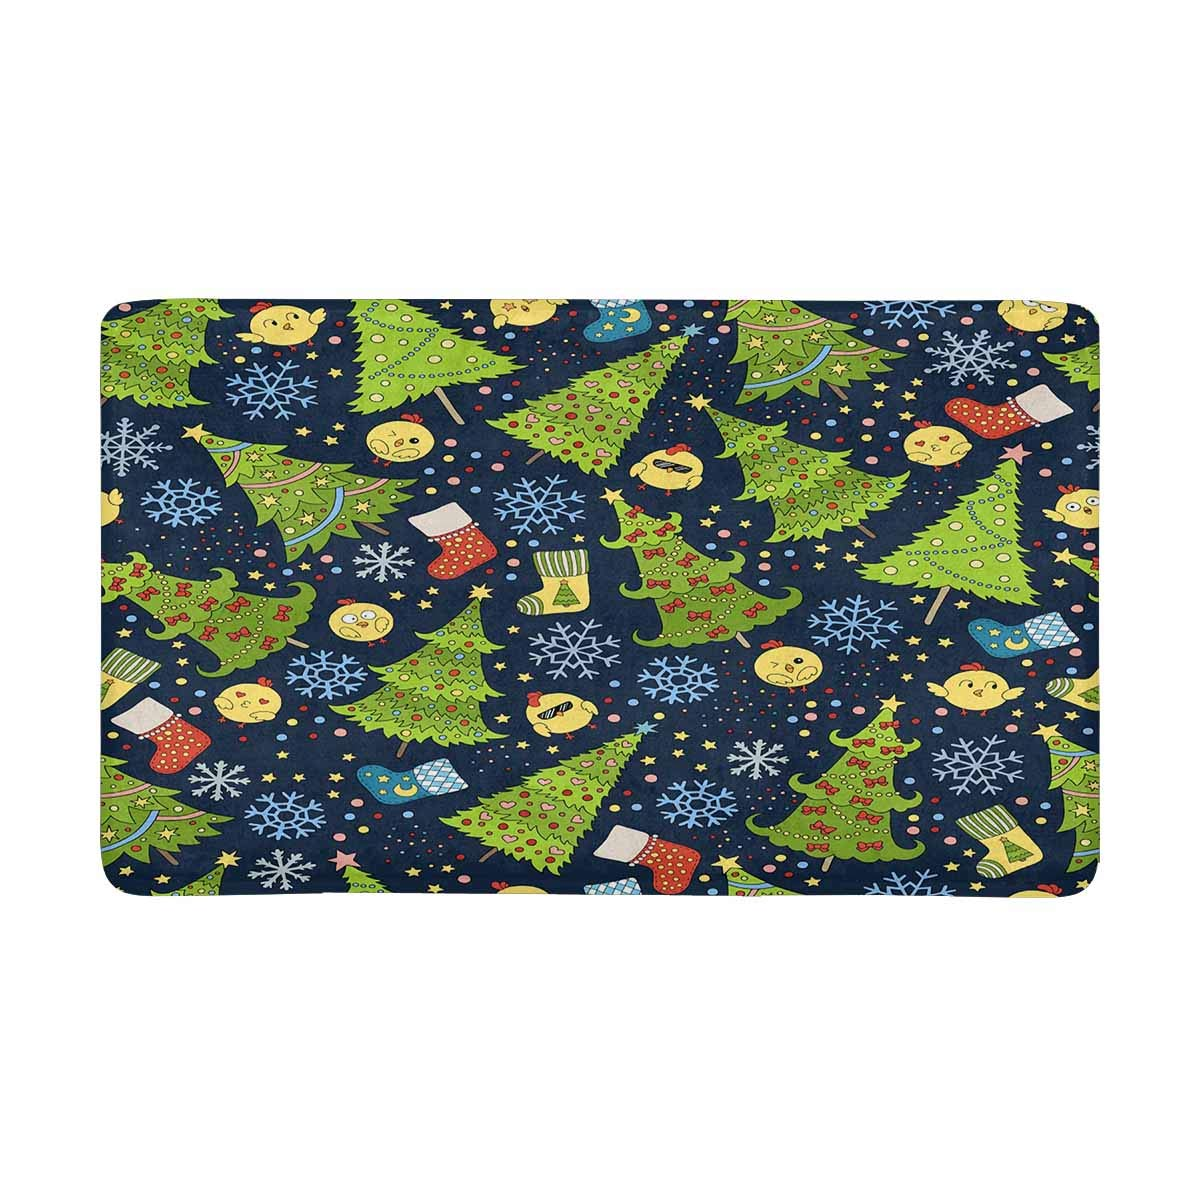 InterestPrint Christmas Tree Front Door Mat 30 X 18 Inches Welcome Doormat for Home, Indoor, Entrance, Kitchen, Patio